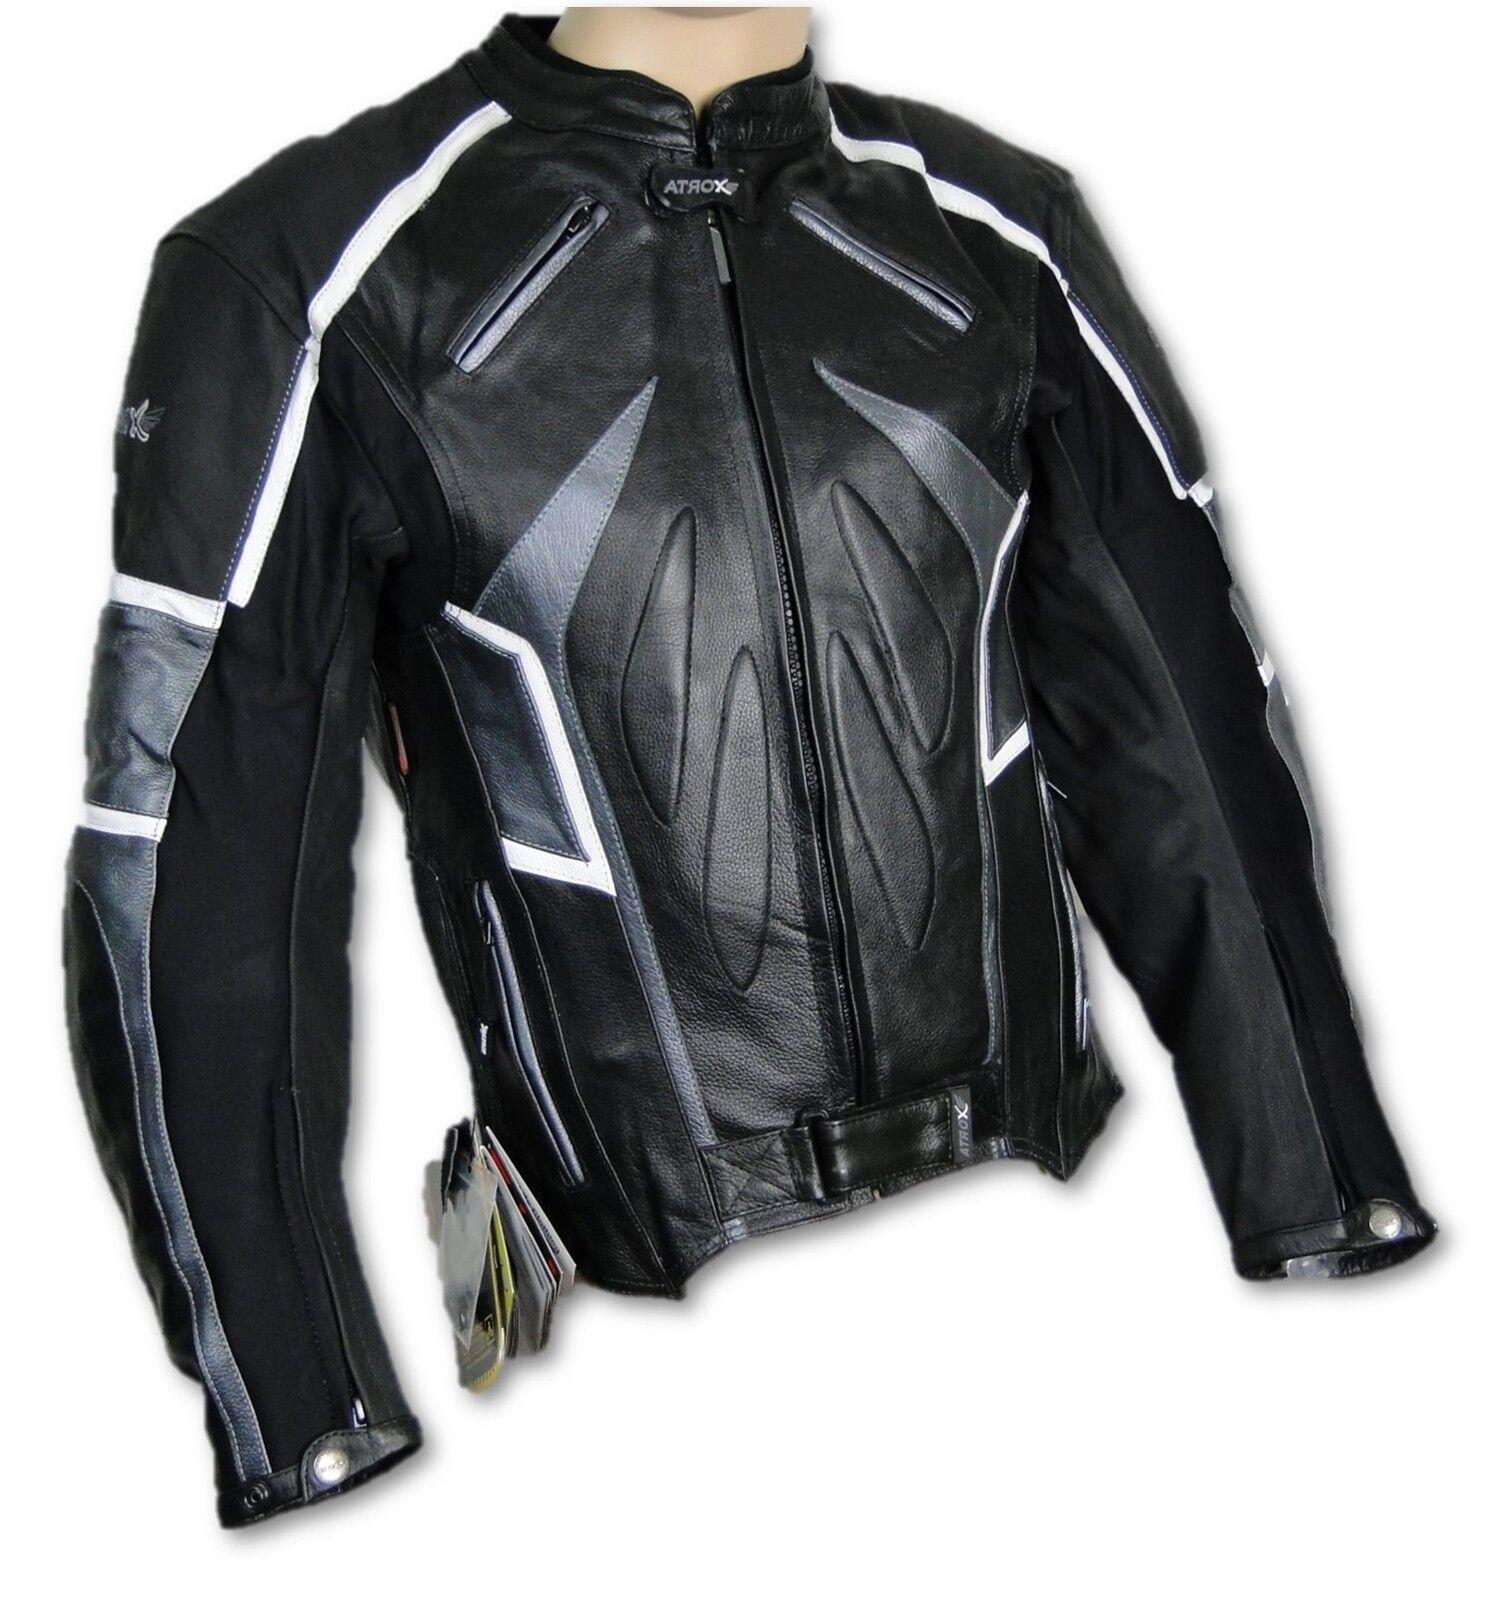 CHAQUETA DE MOTO,Chaqueta,MOTOCICLETA, MOTO,Chaqueta,MOTOCICLETA, MOTO,Chaqueta,MOTOCICLETA, CUERO, ATROX NF-1111 Talla 4XL 31a403